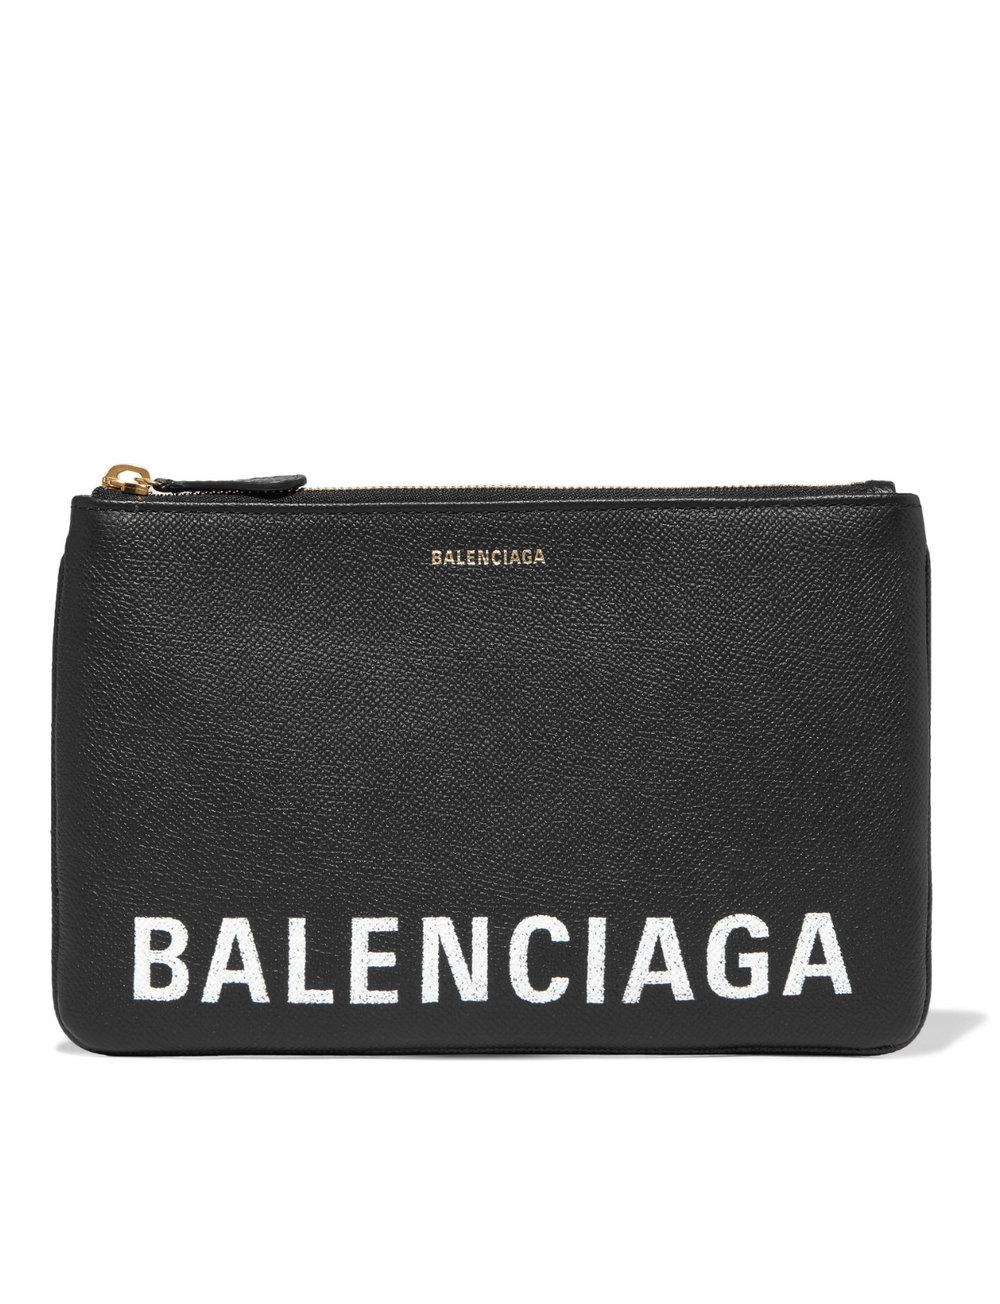 Balenciaga Ville Leather Pouch - 490€